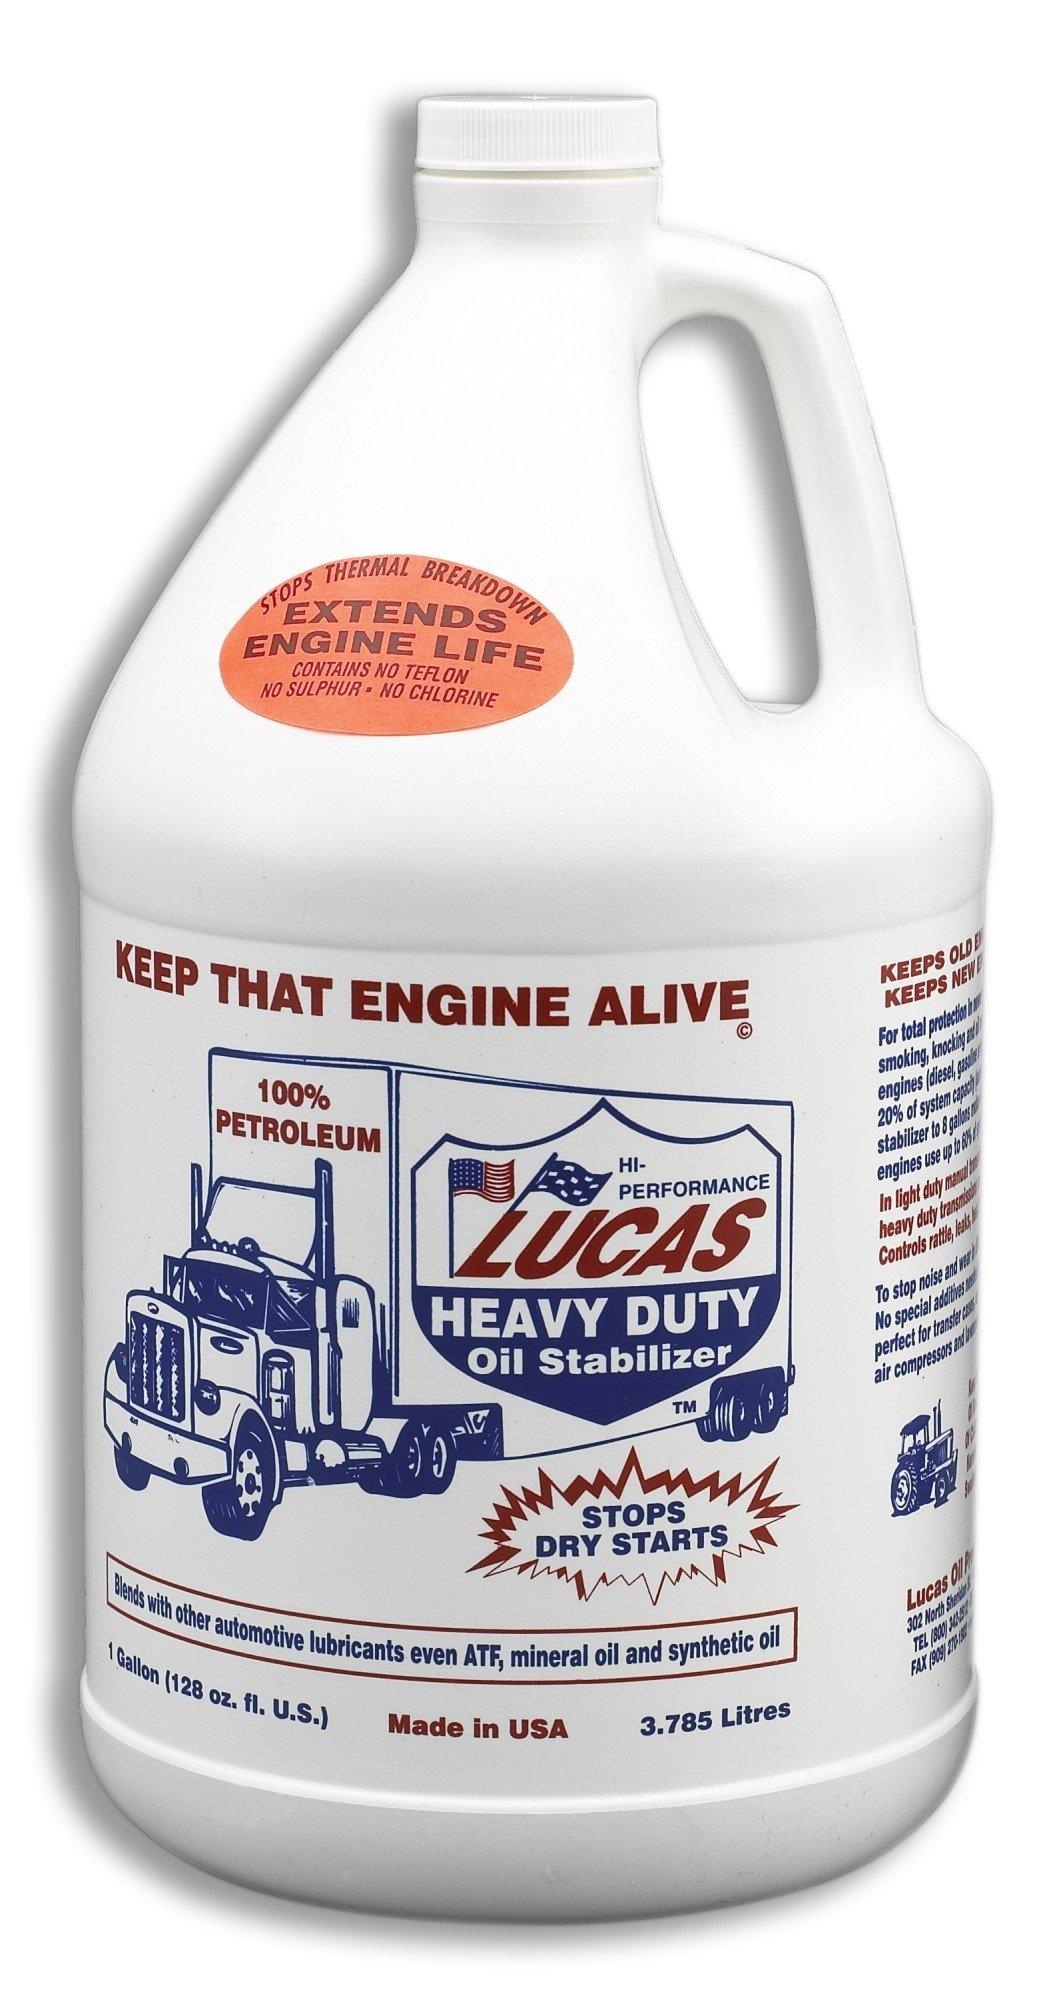 Lucas Oil 10002 Heavy Duty Oil Stabilizer - 1 Gallon (Case of 4) by Lucas